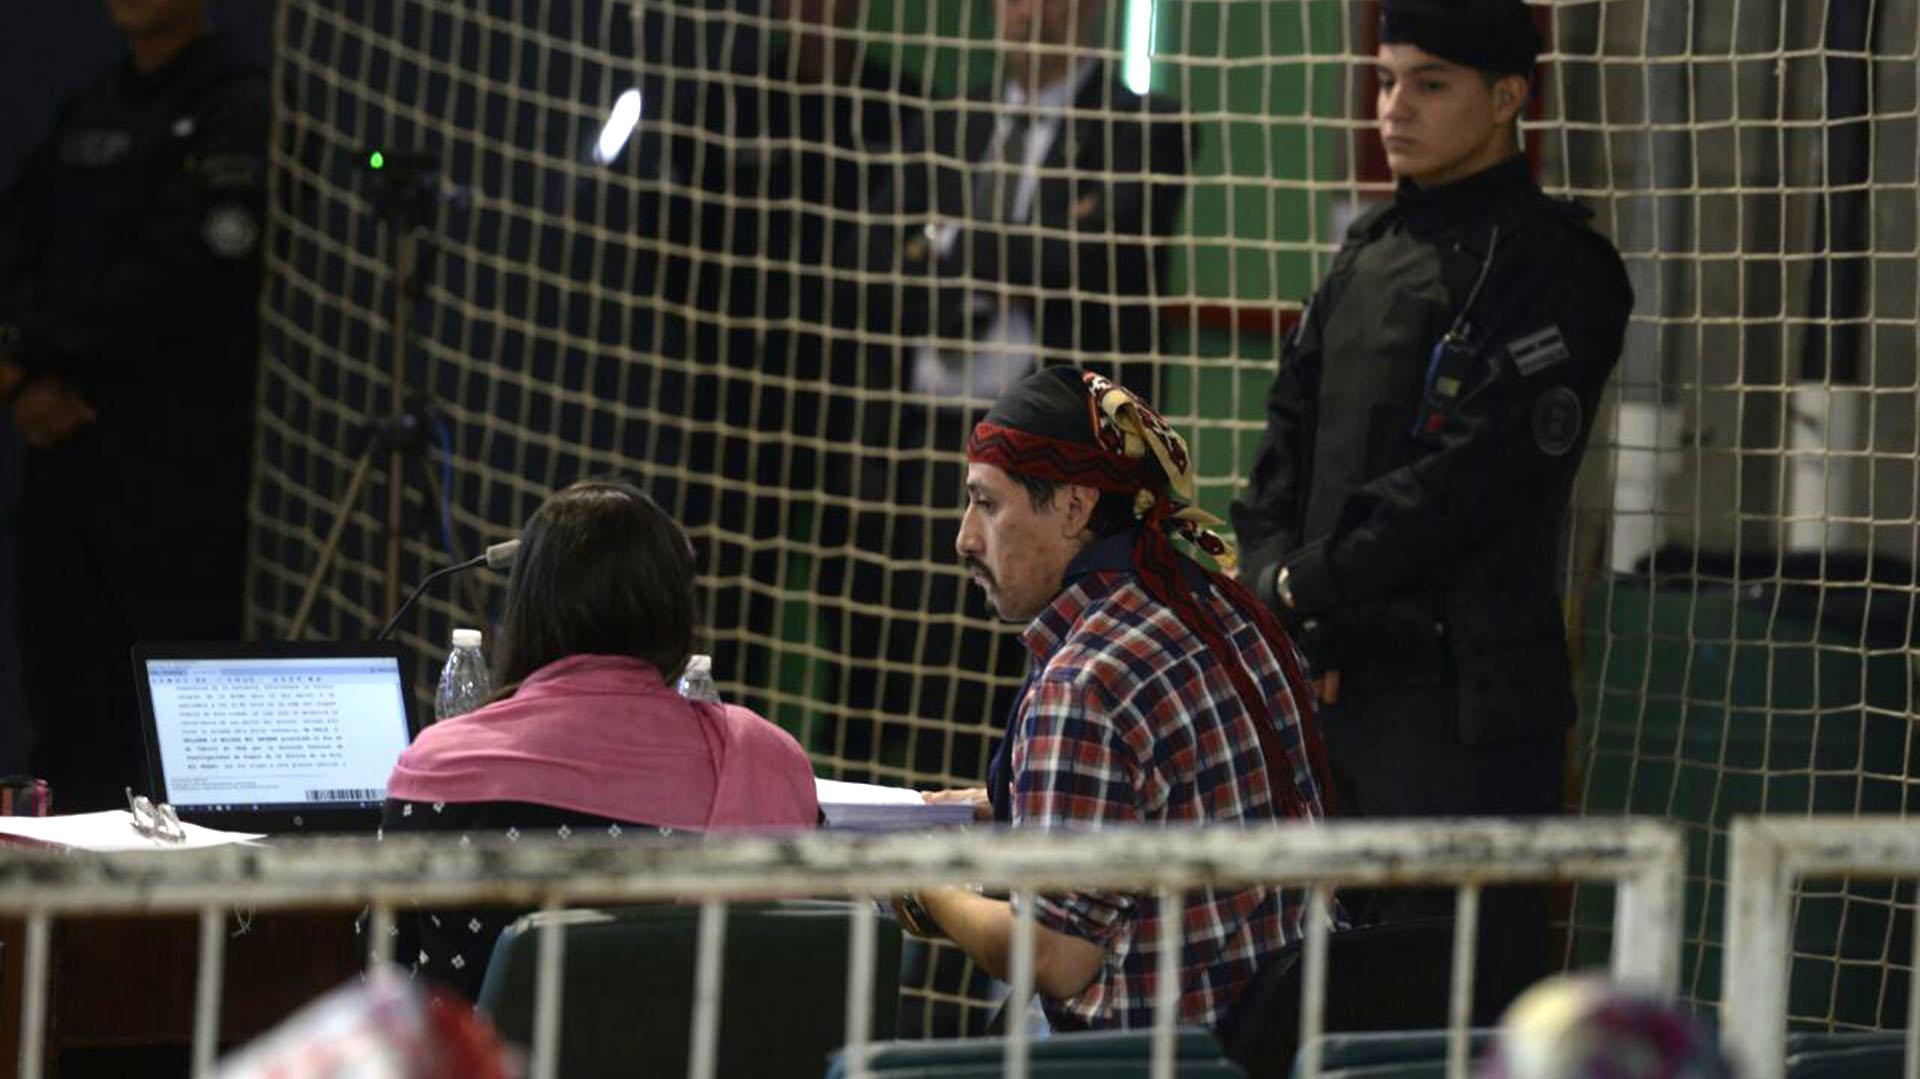 El lonko declaró ser un preso político (Gentileza Bariloche2000)